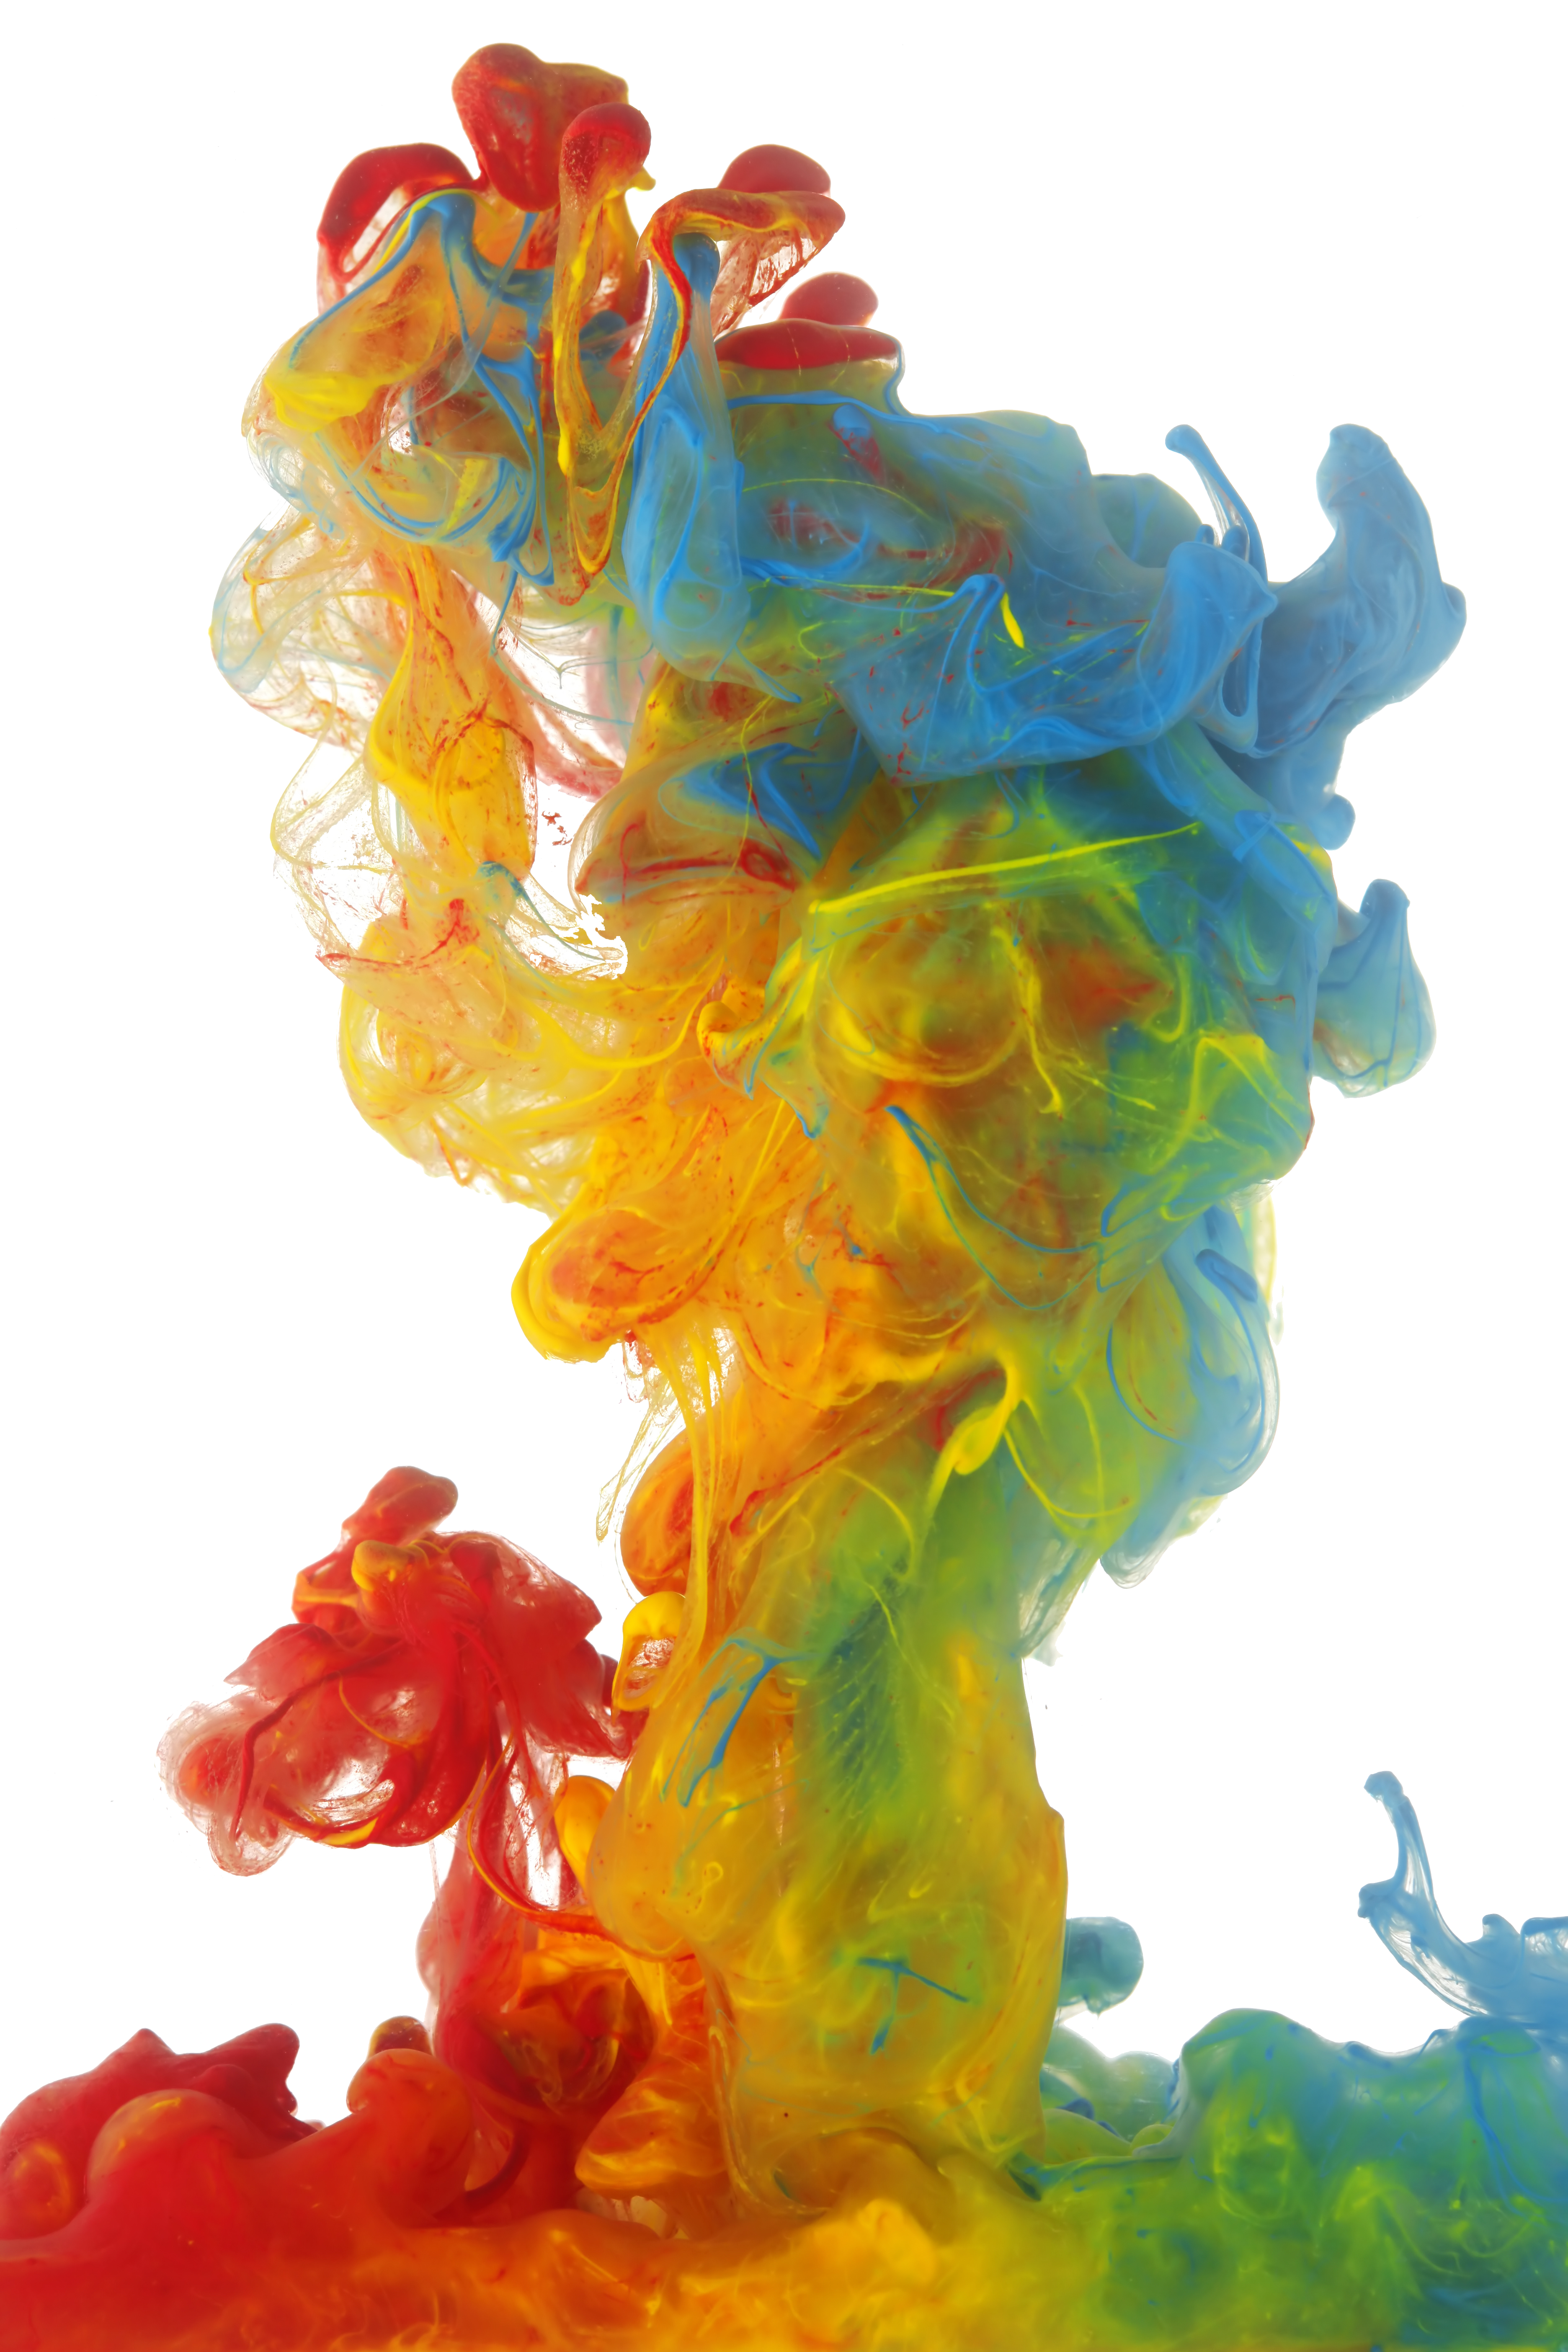 Colored Smoke PNG Image